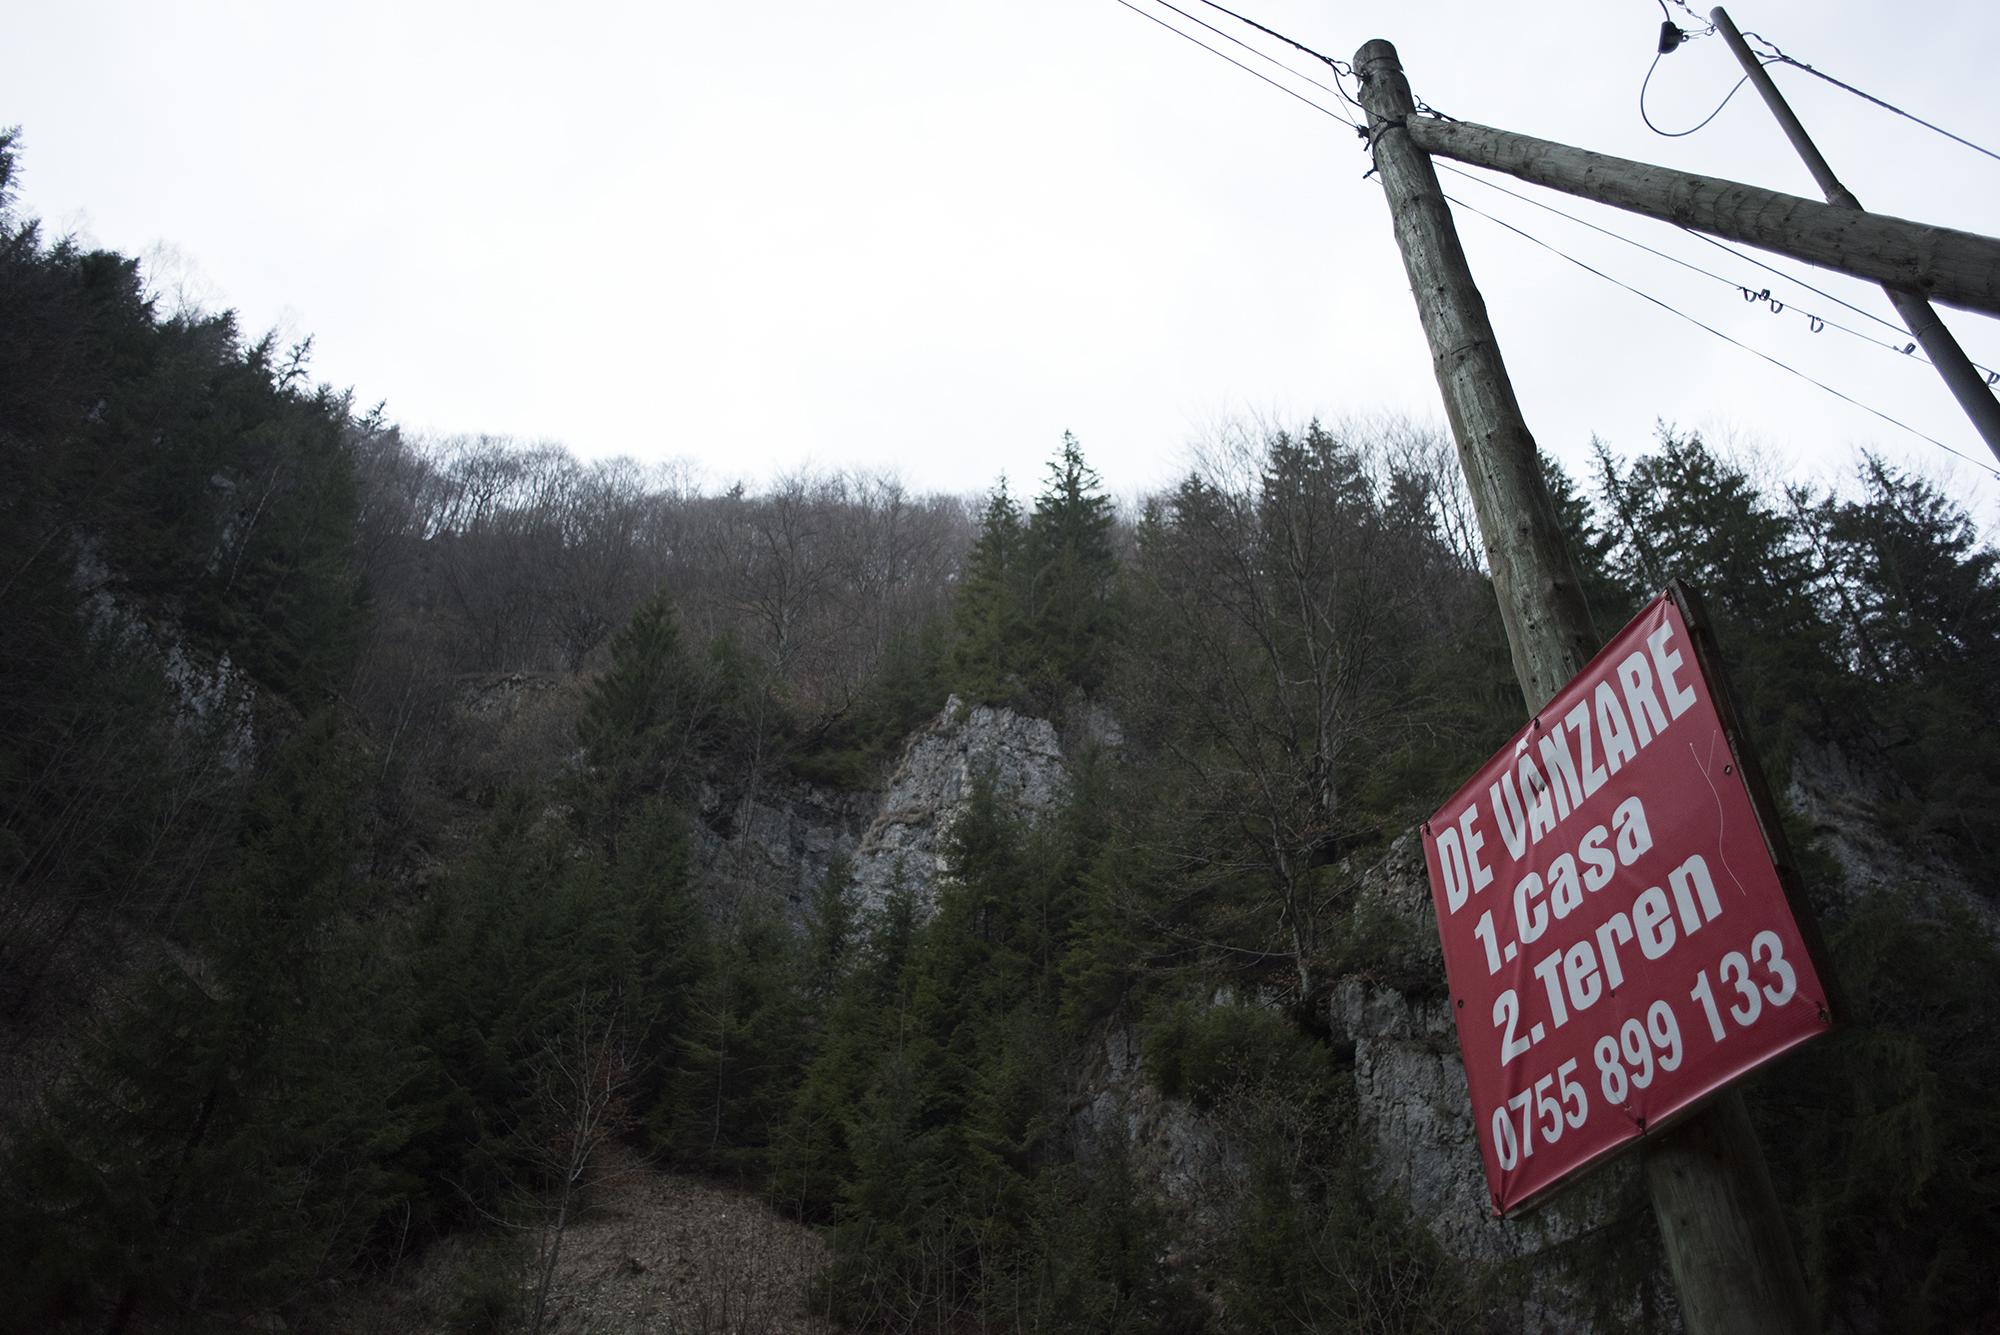 În zona Rucăr - Piatra Craiului, e o hemoragie de terenuri și păduri care se vând. Foto: Raul Ștef